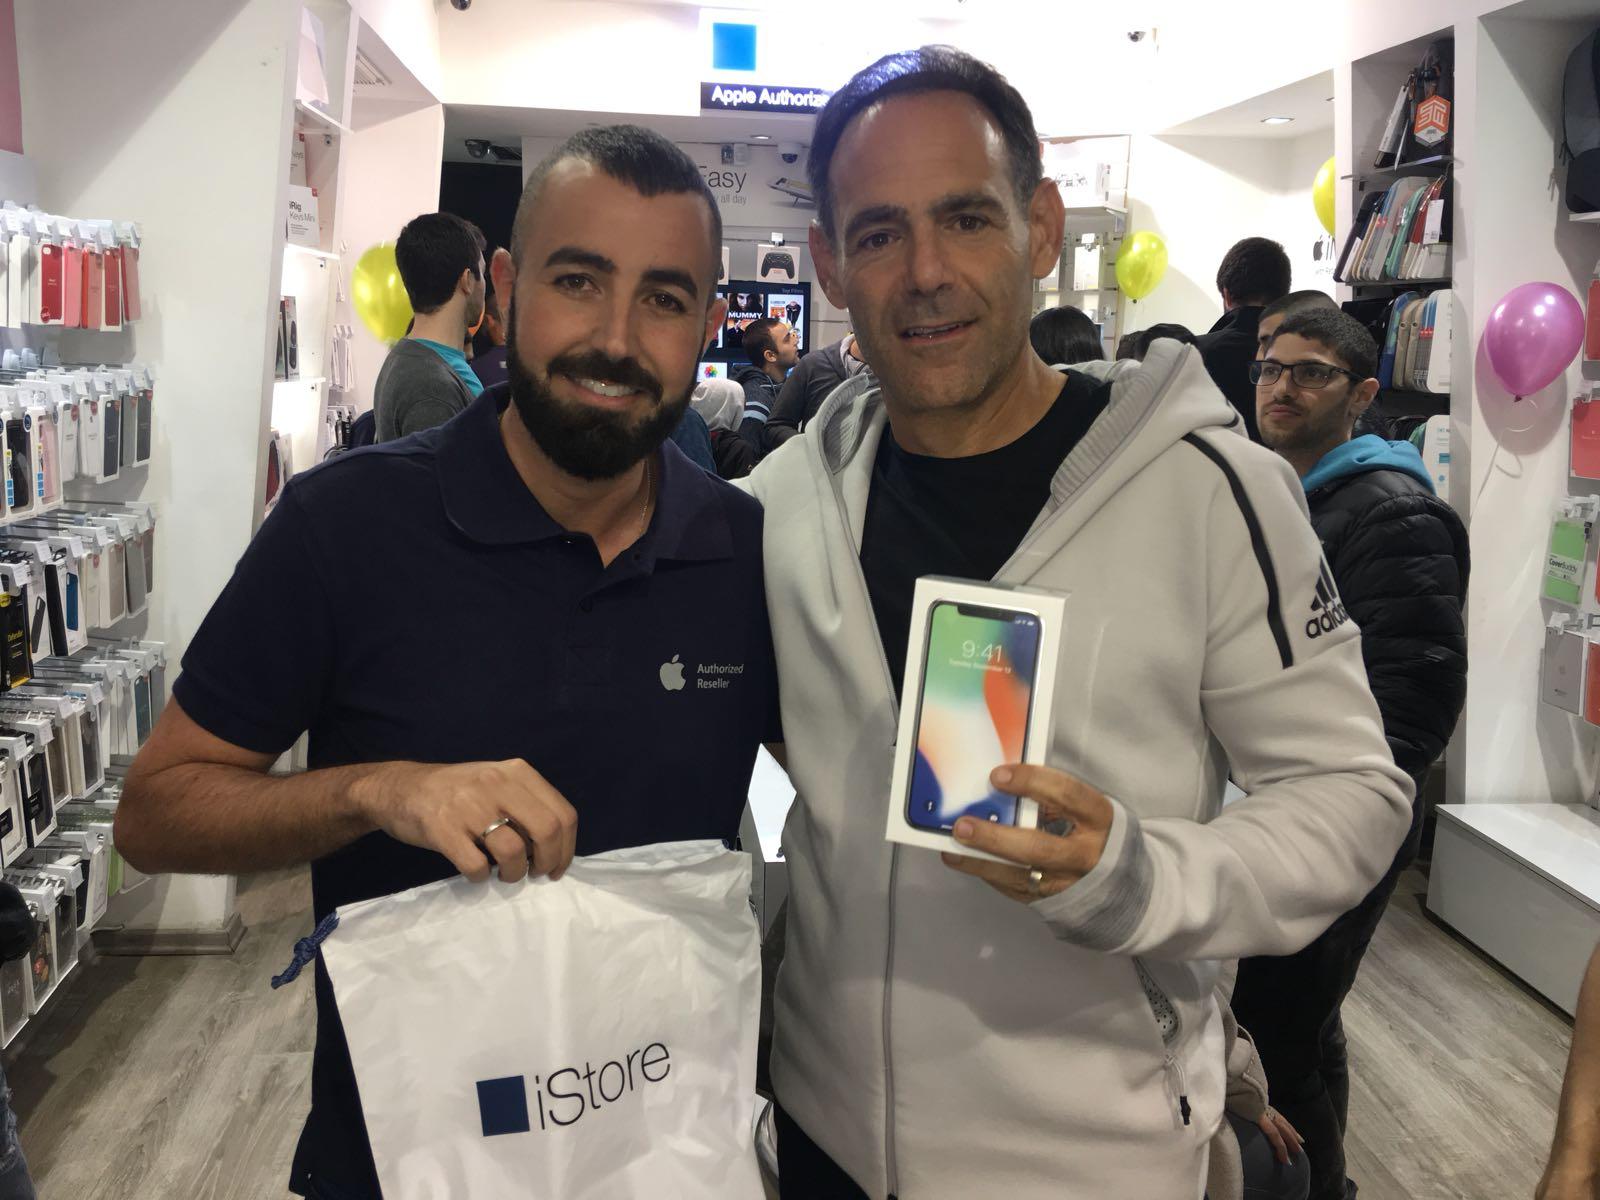 התחדש באייפון... דני רופ כאחרון מושבעי האייפון X וחיים זגורי בעלי רשת iStore צילם אל בוקר